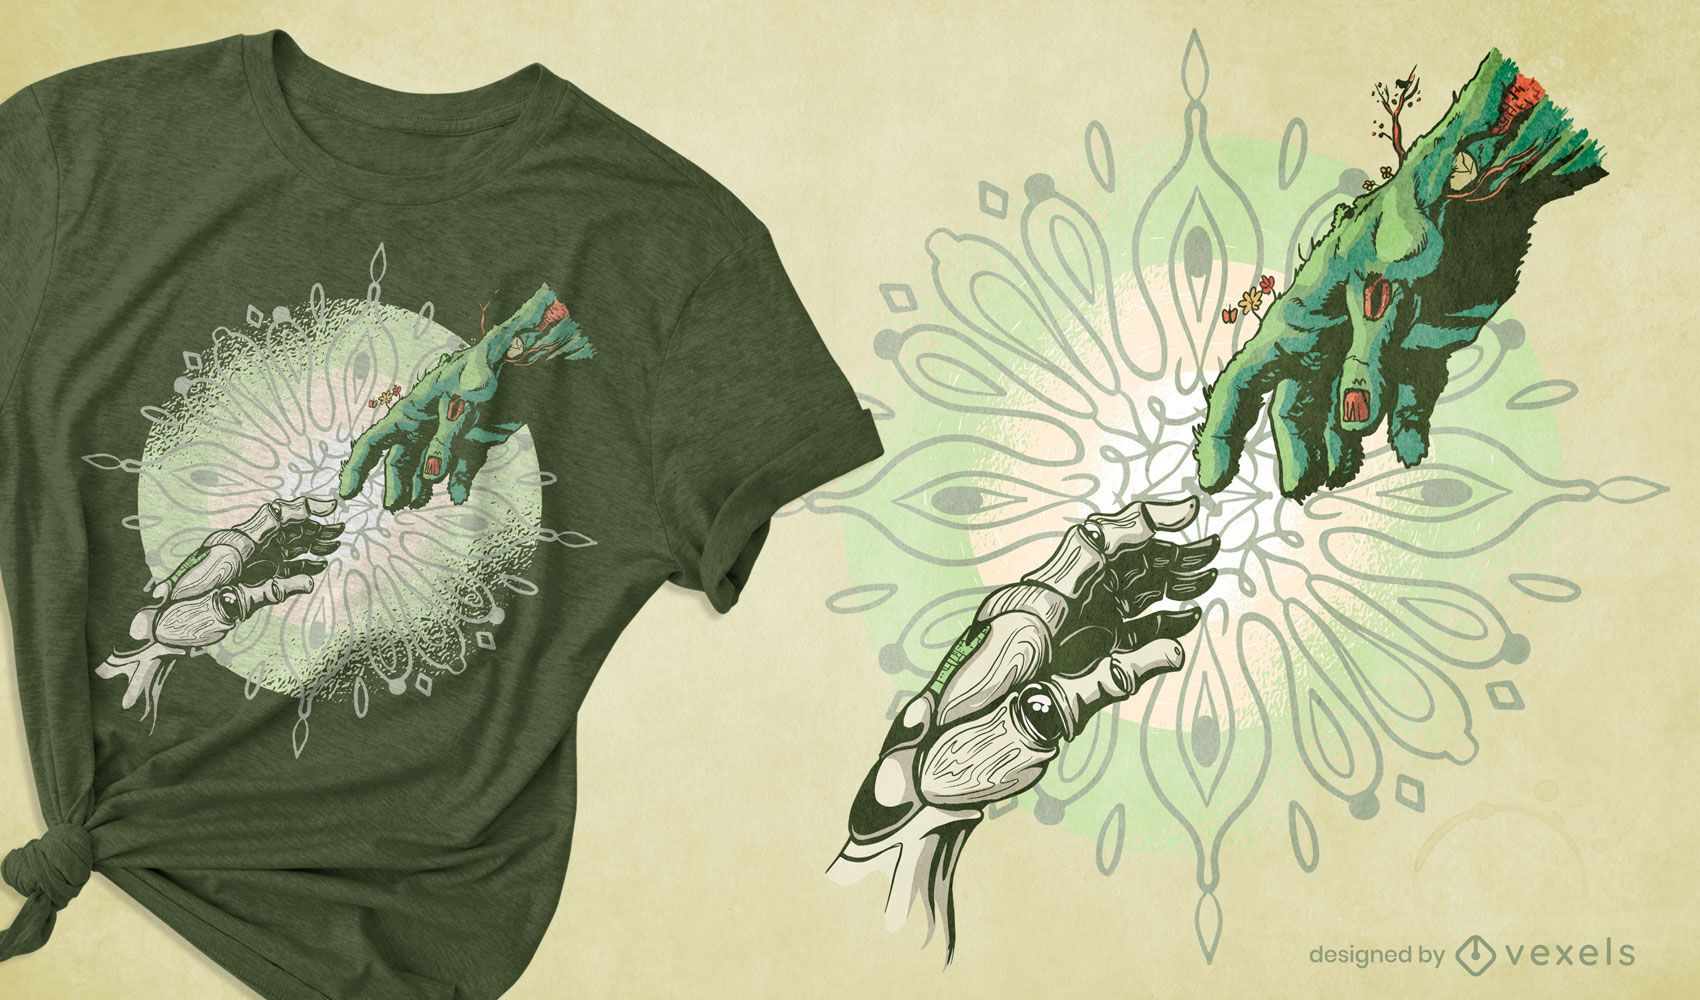 Dise?o de camiseta de tecnolog?a de creaci?n y naturaleza.